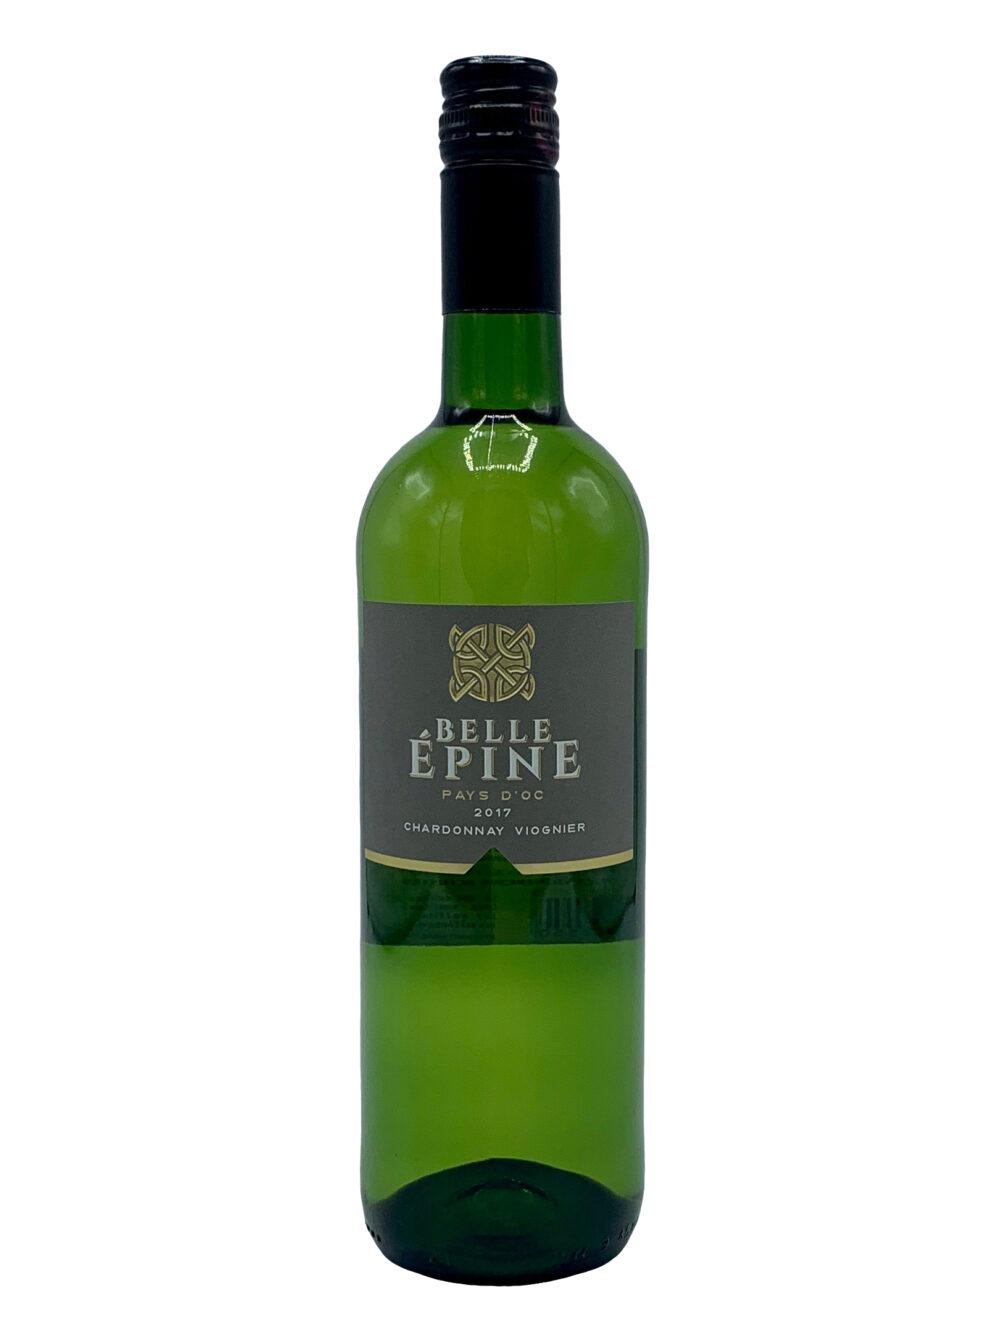 Belle Epine chardonnay viognier